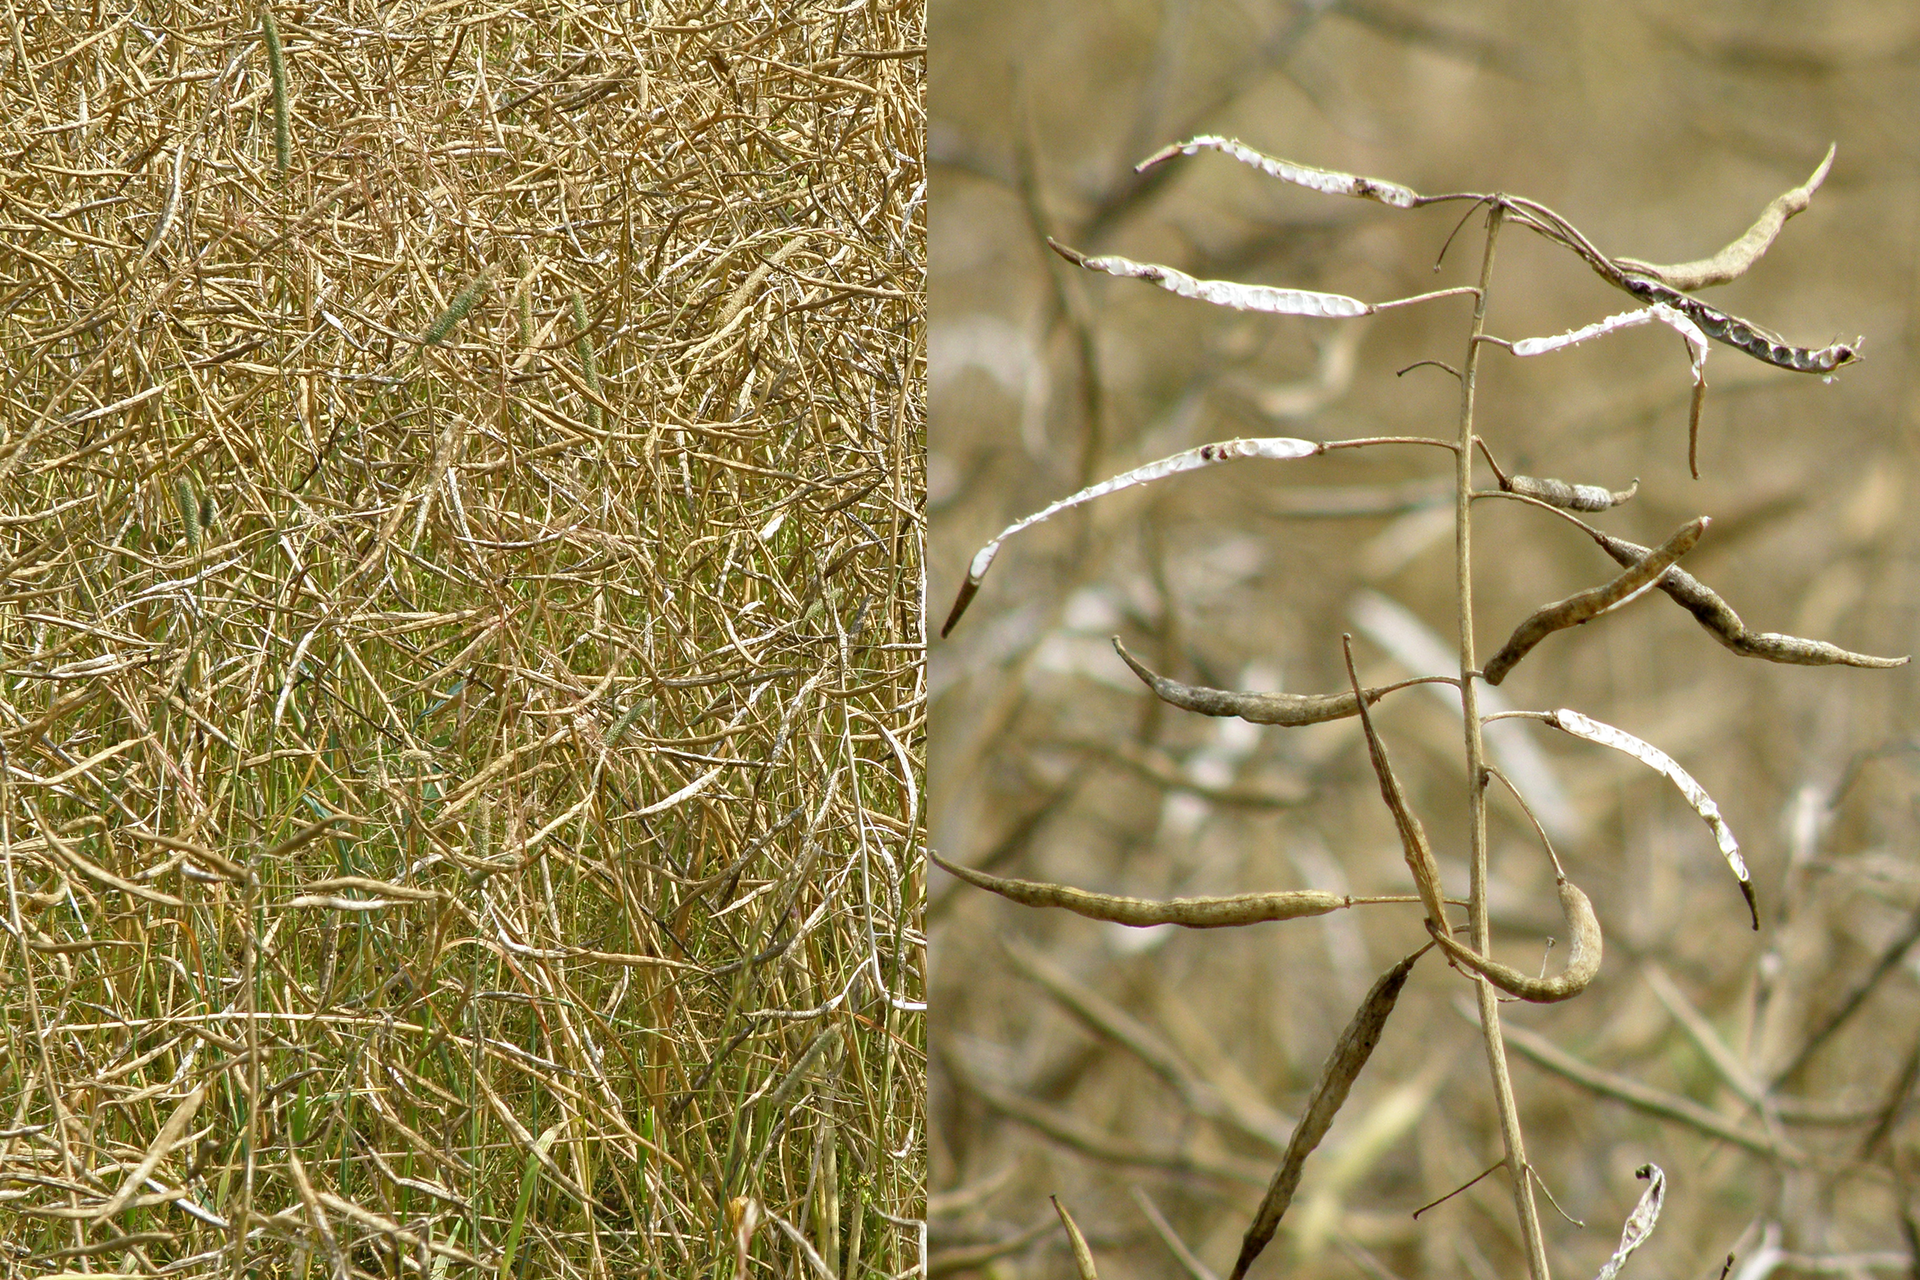 Strąki rzepaku. Widoczne są cienkie strąki zwidocznymi zgrubieniami wmiejscach gdzie znajdują się nasiona.